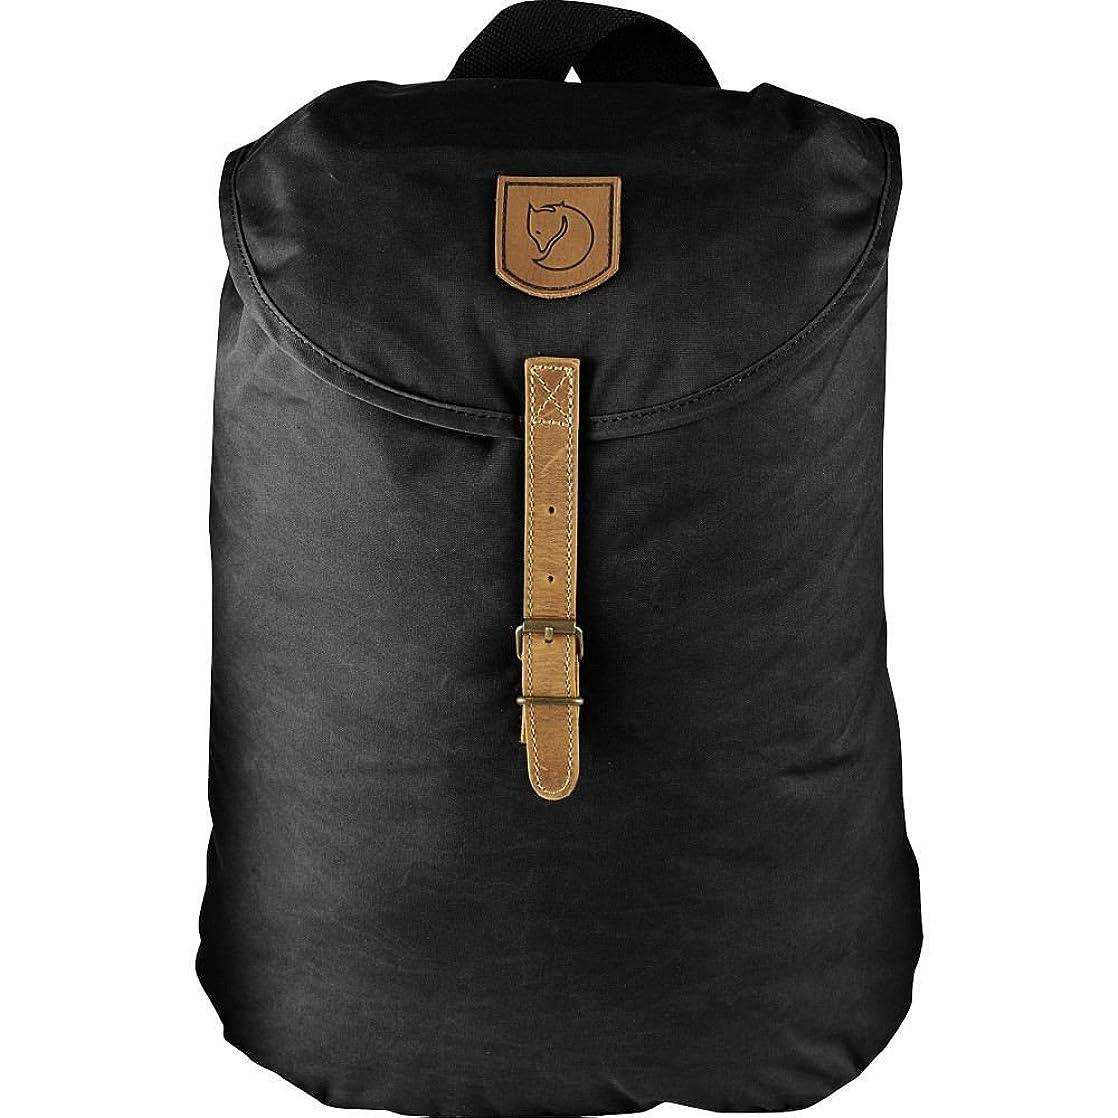 人類アーティファクト継続中(フェールラーベン) Fjallraven メンズ バッグ パソコンバッグ Greenland Backpack Small [並行輸入品]